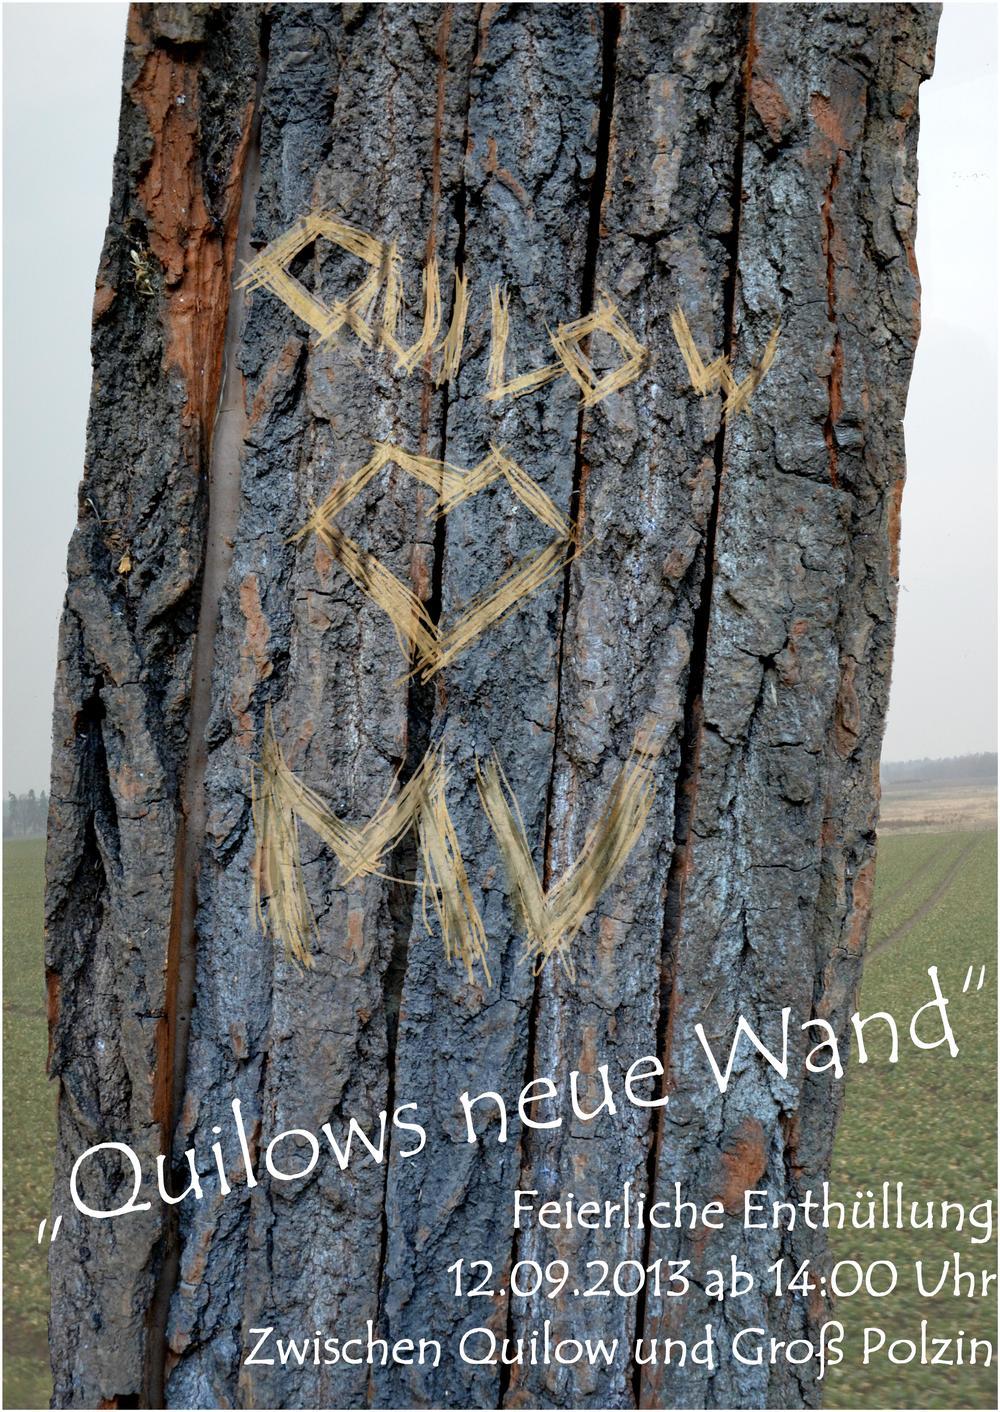 Plakatgestaltung Quilow